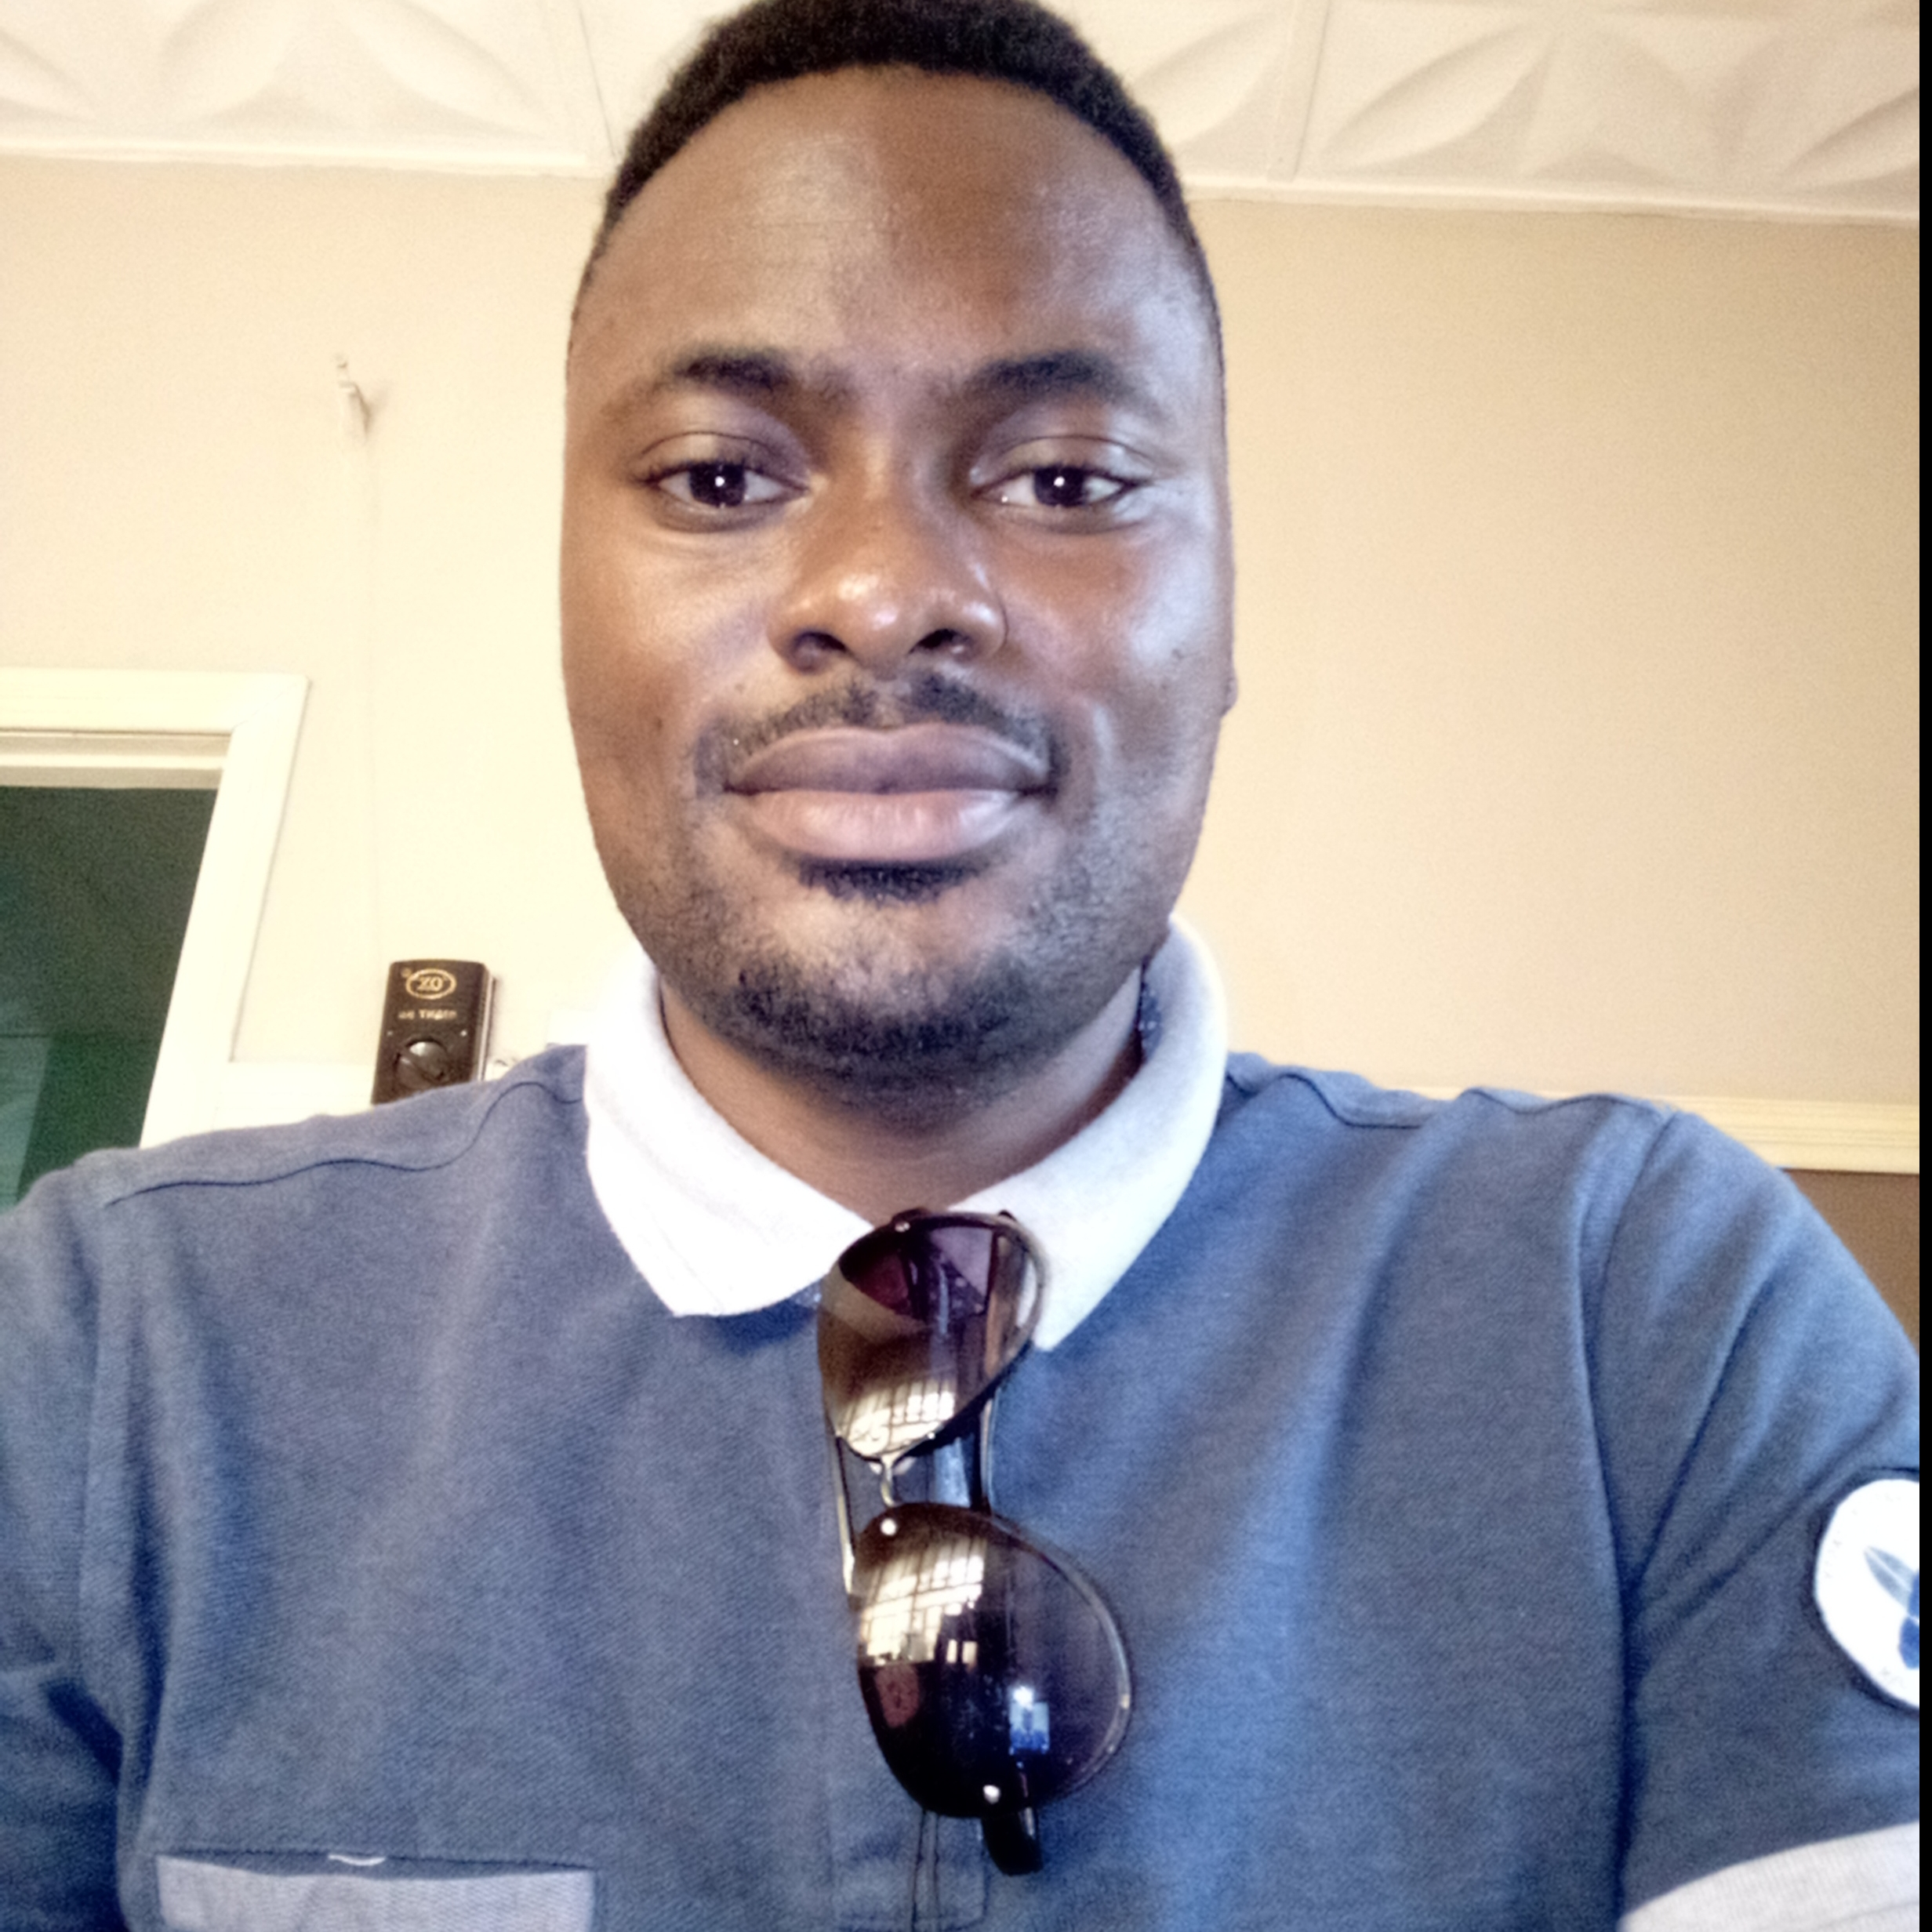 Nyakno Udongwo